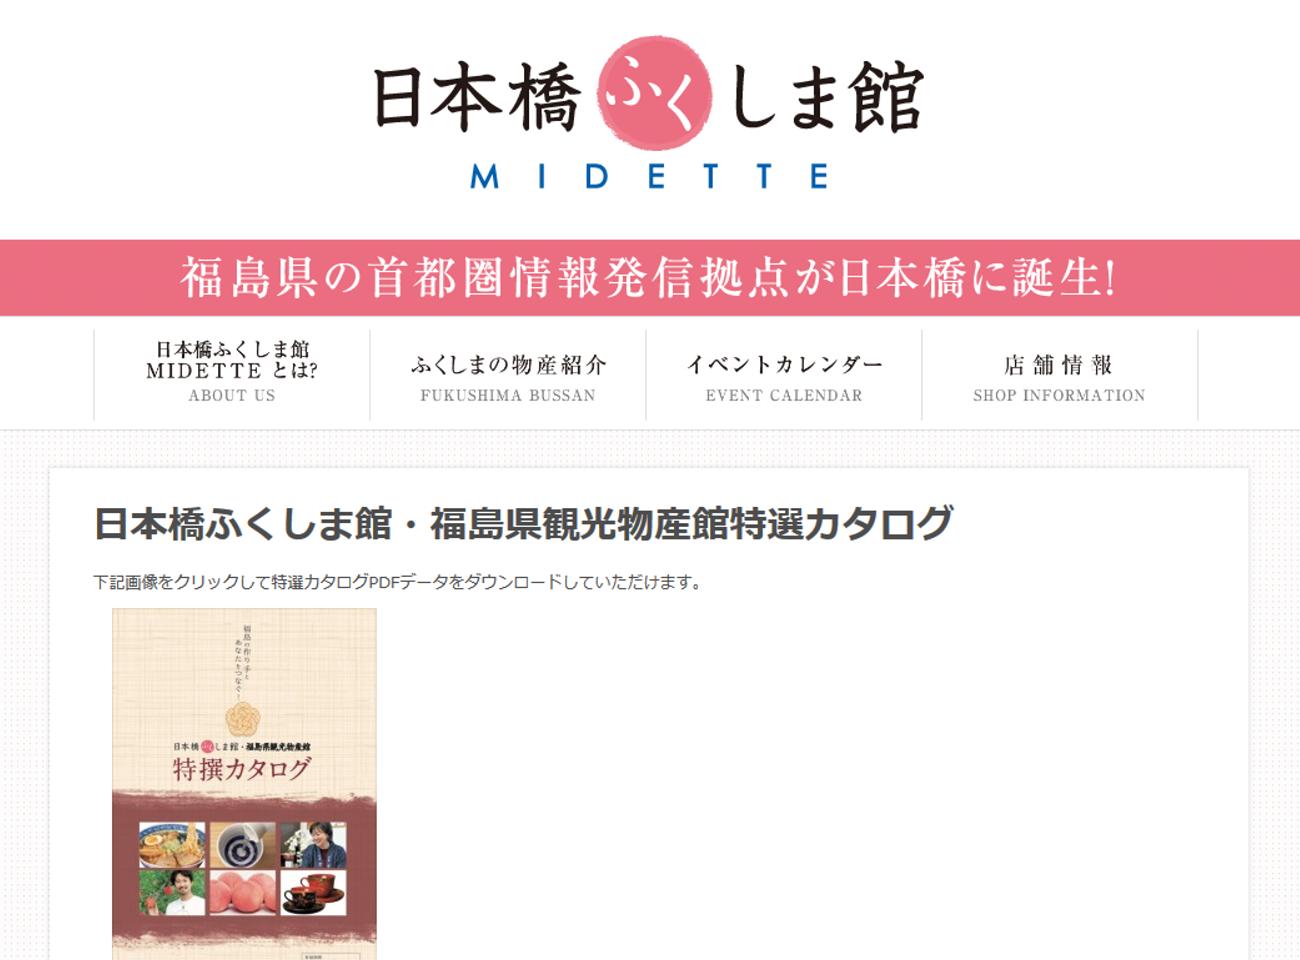 日本橋ふくしま館・福島県観光物産館特選カタログ